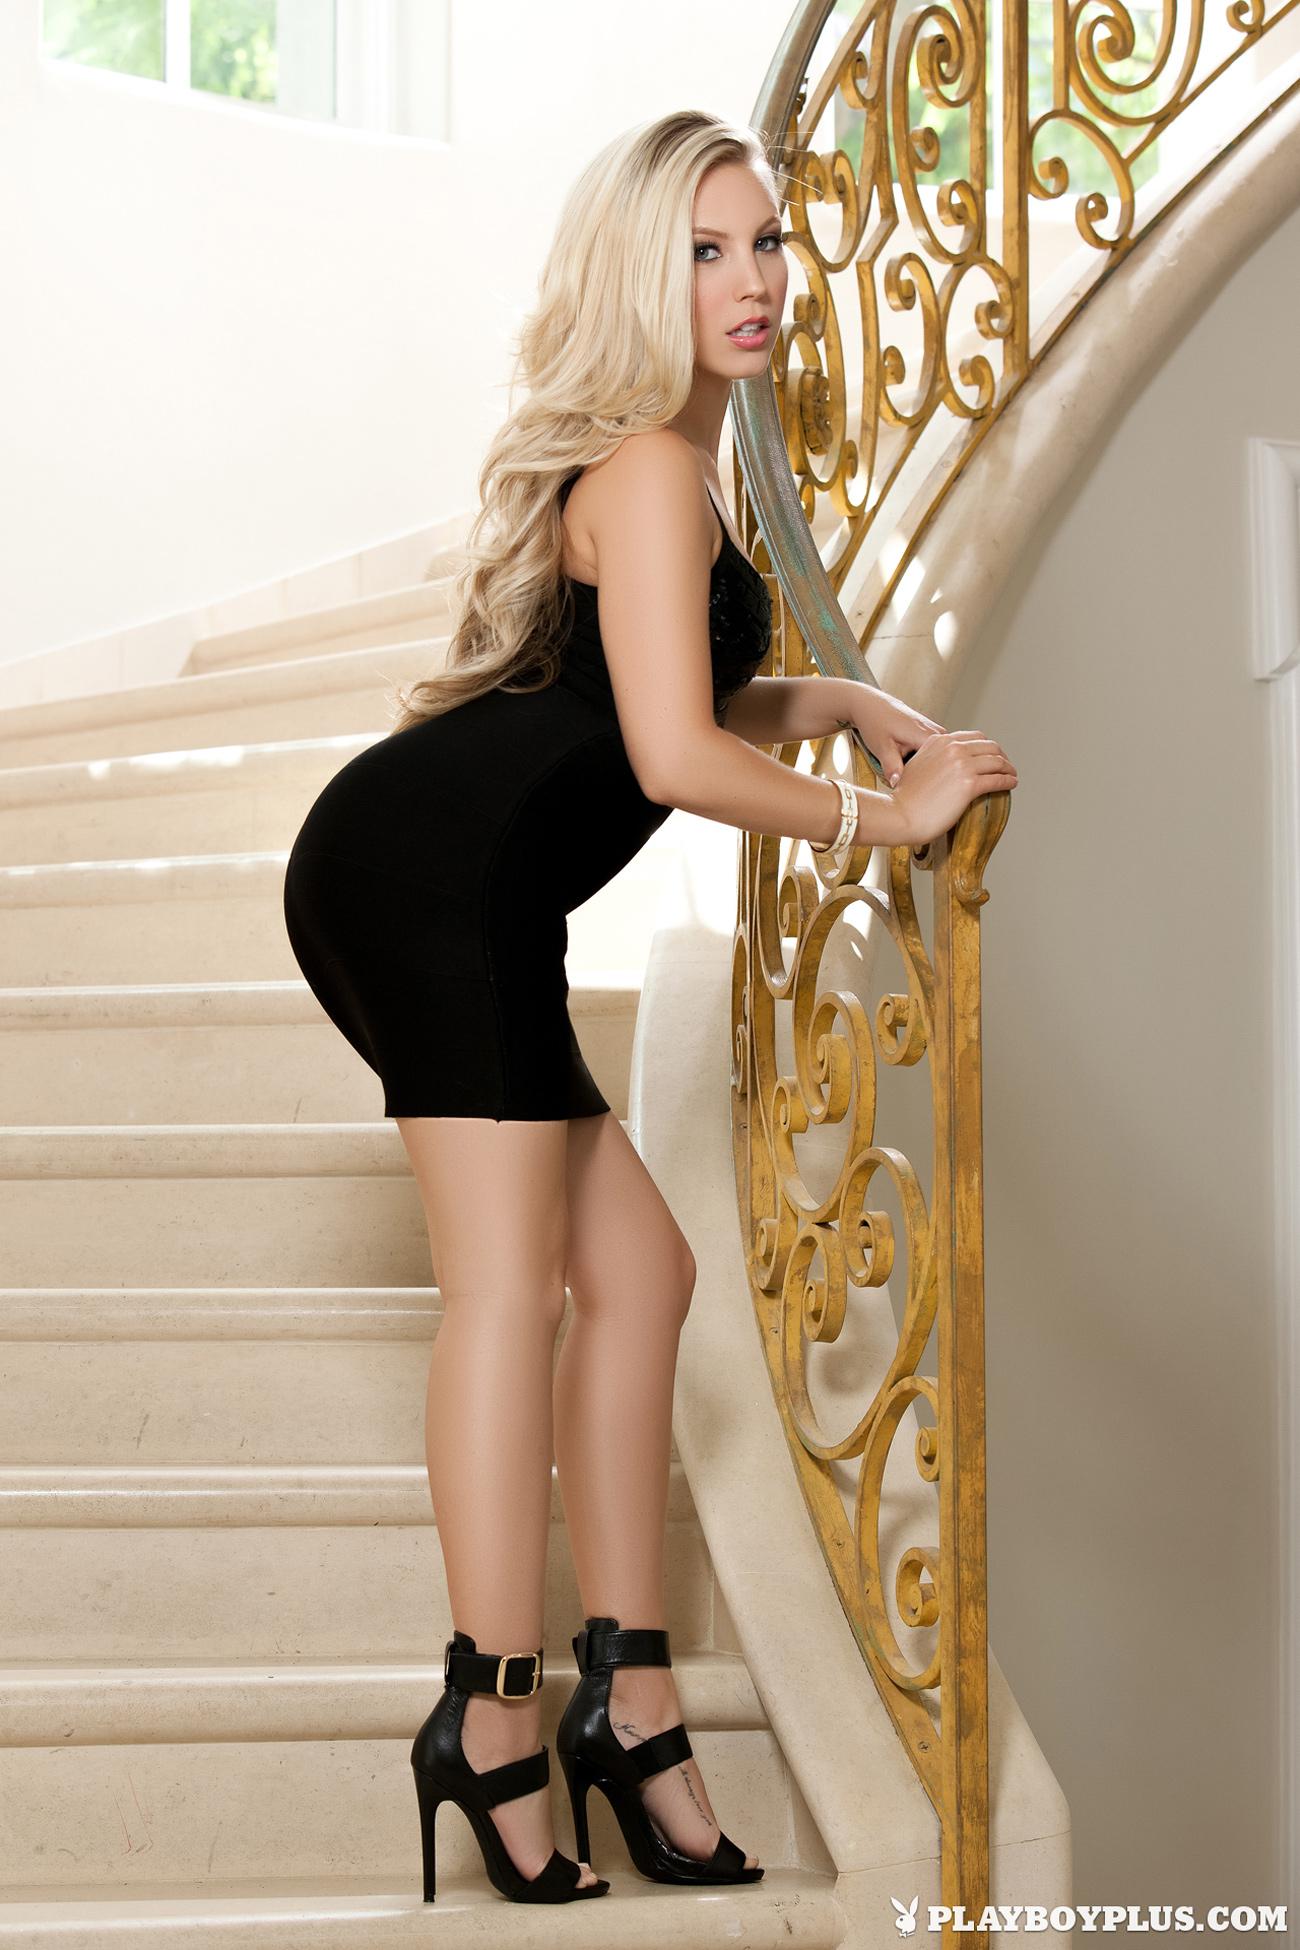 chanel-elle-stairways-nude-playboy-plus-02